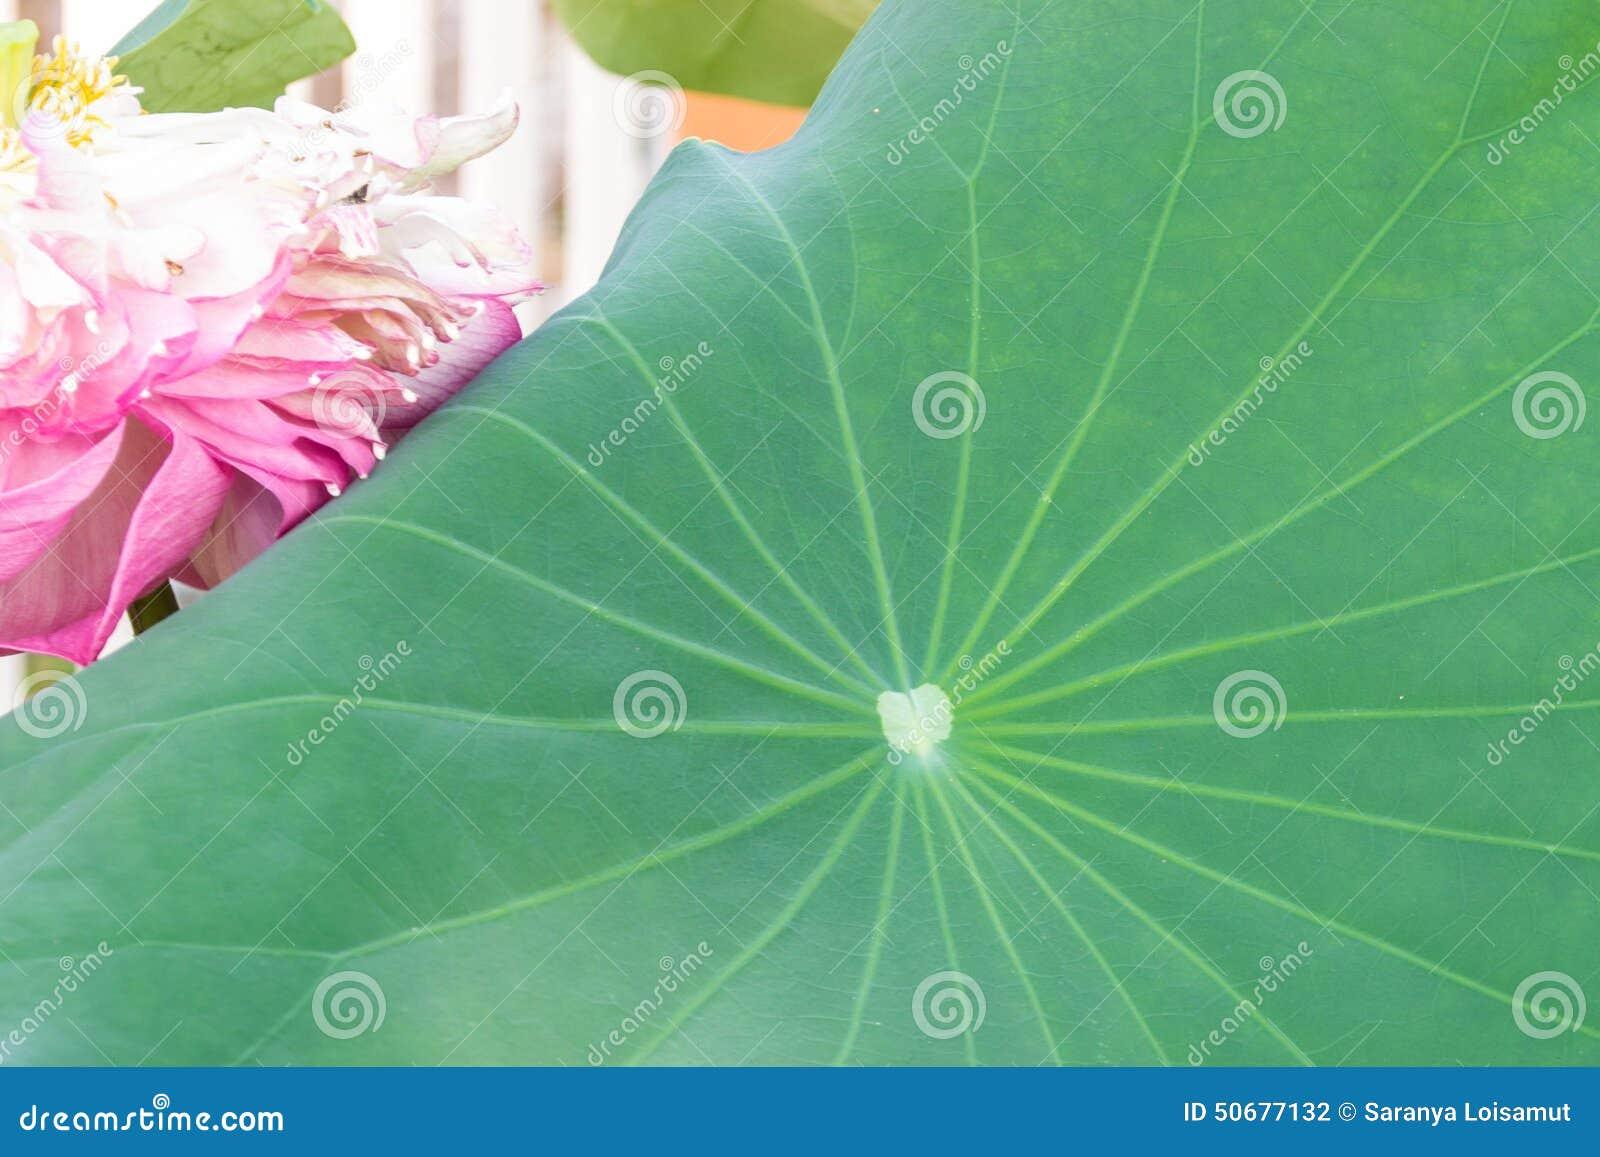 Download 莲花叶子 库存照片. 图片 包括有 传统, 款待, waterlily, 叶子, 多种, 医学, 告诉, 工厂 - 50677132